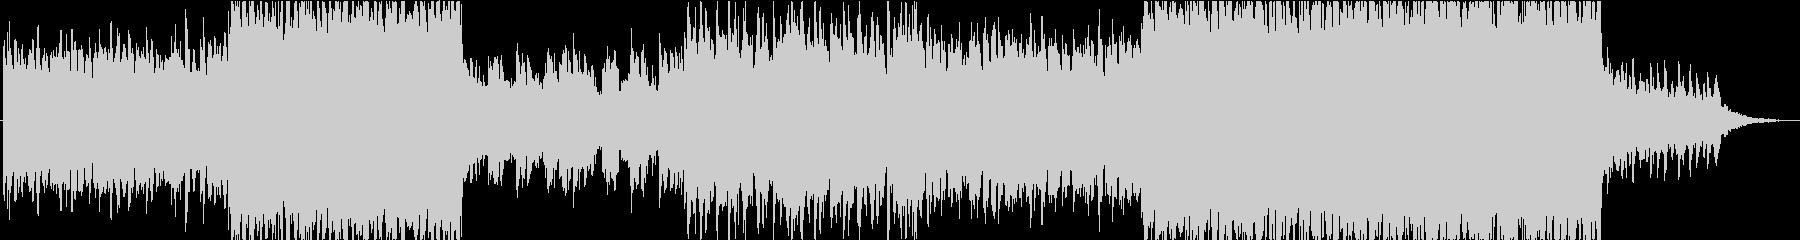 切ない系Jポップ・R&Bトラックの未再生の波形